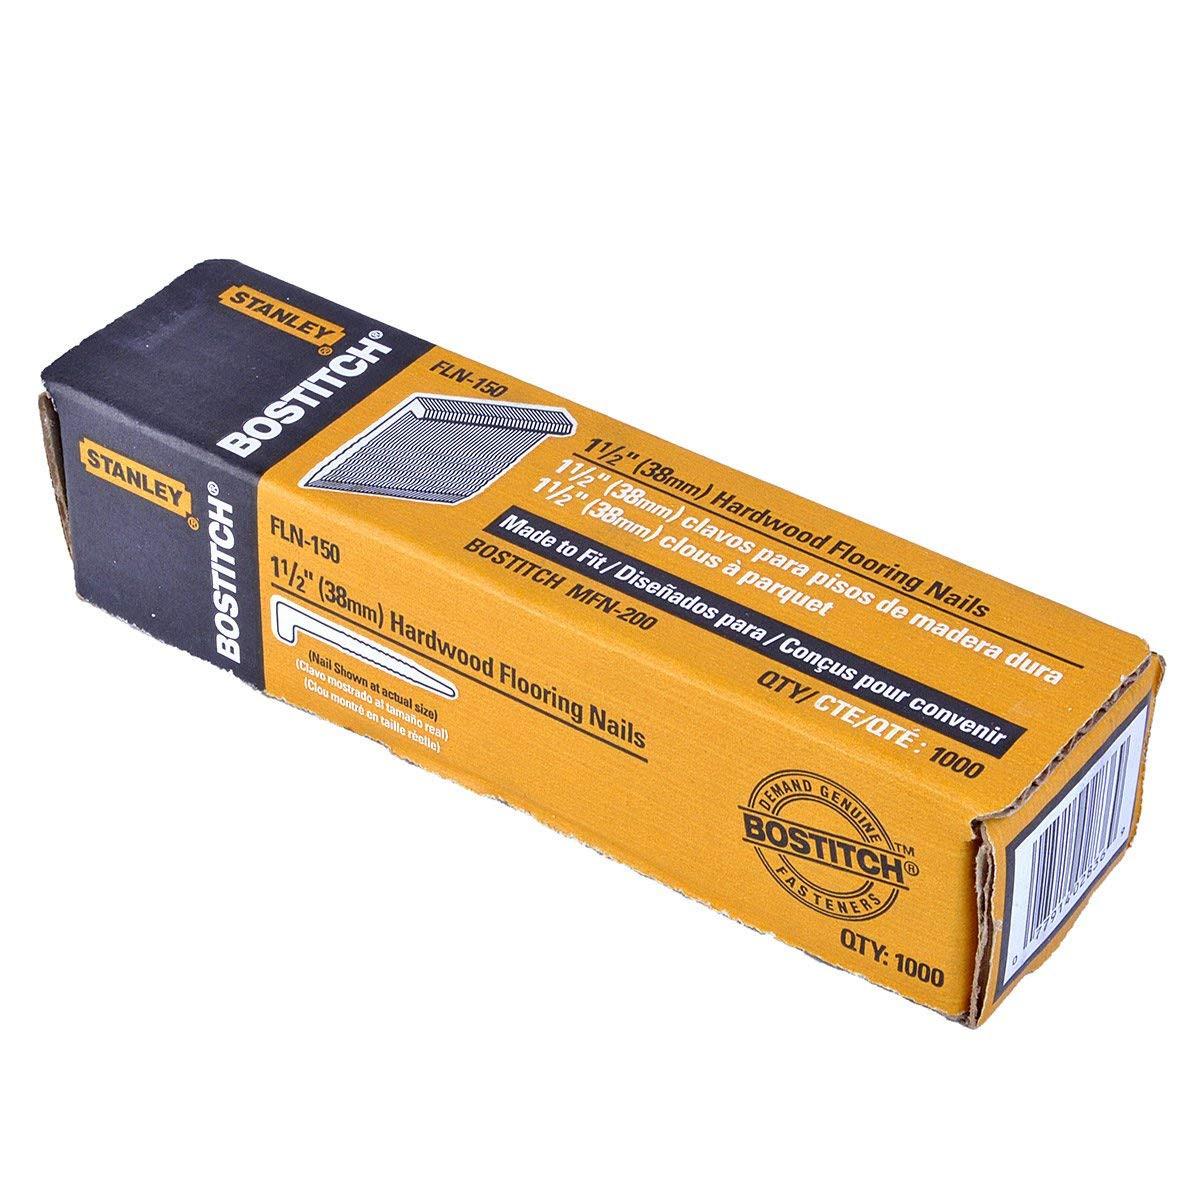 bostitch hardwood floor jack of bostitch fln 150 1 1 2 inch flooring l nails 1000 per box for bostitch fln 150 1 1 2 inch flooring l nails 1000 per box hardware staples amazon com